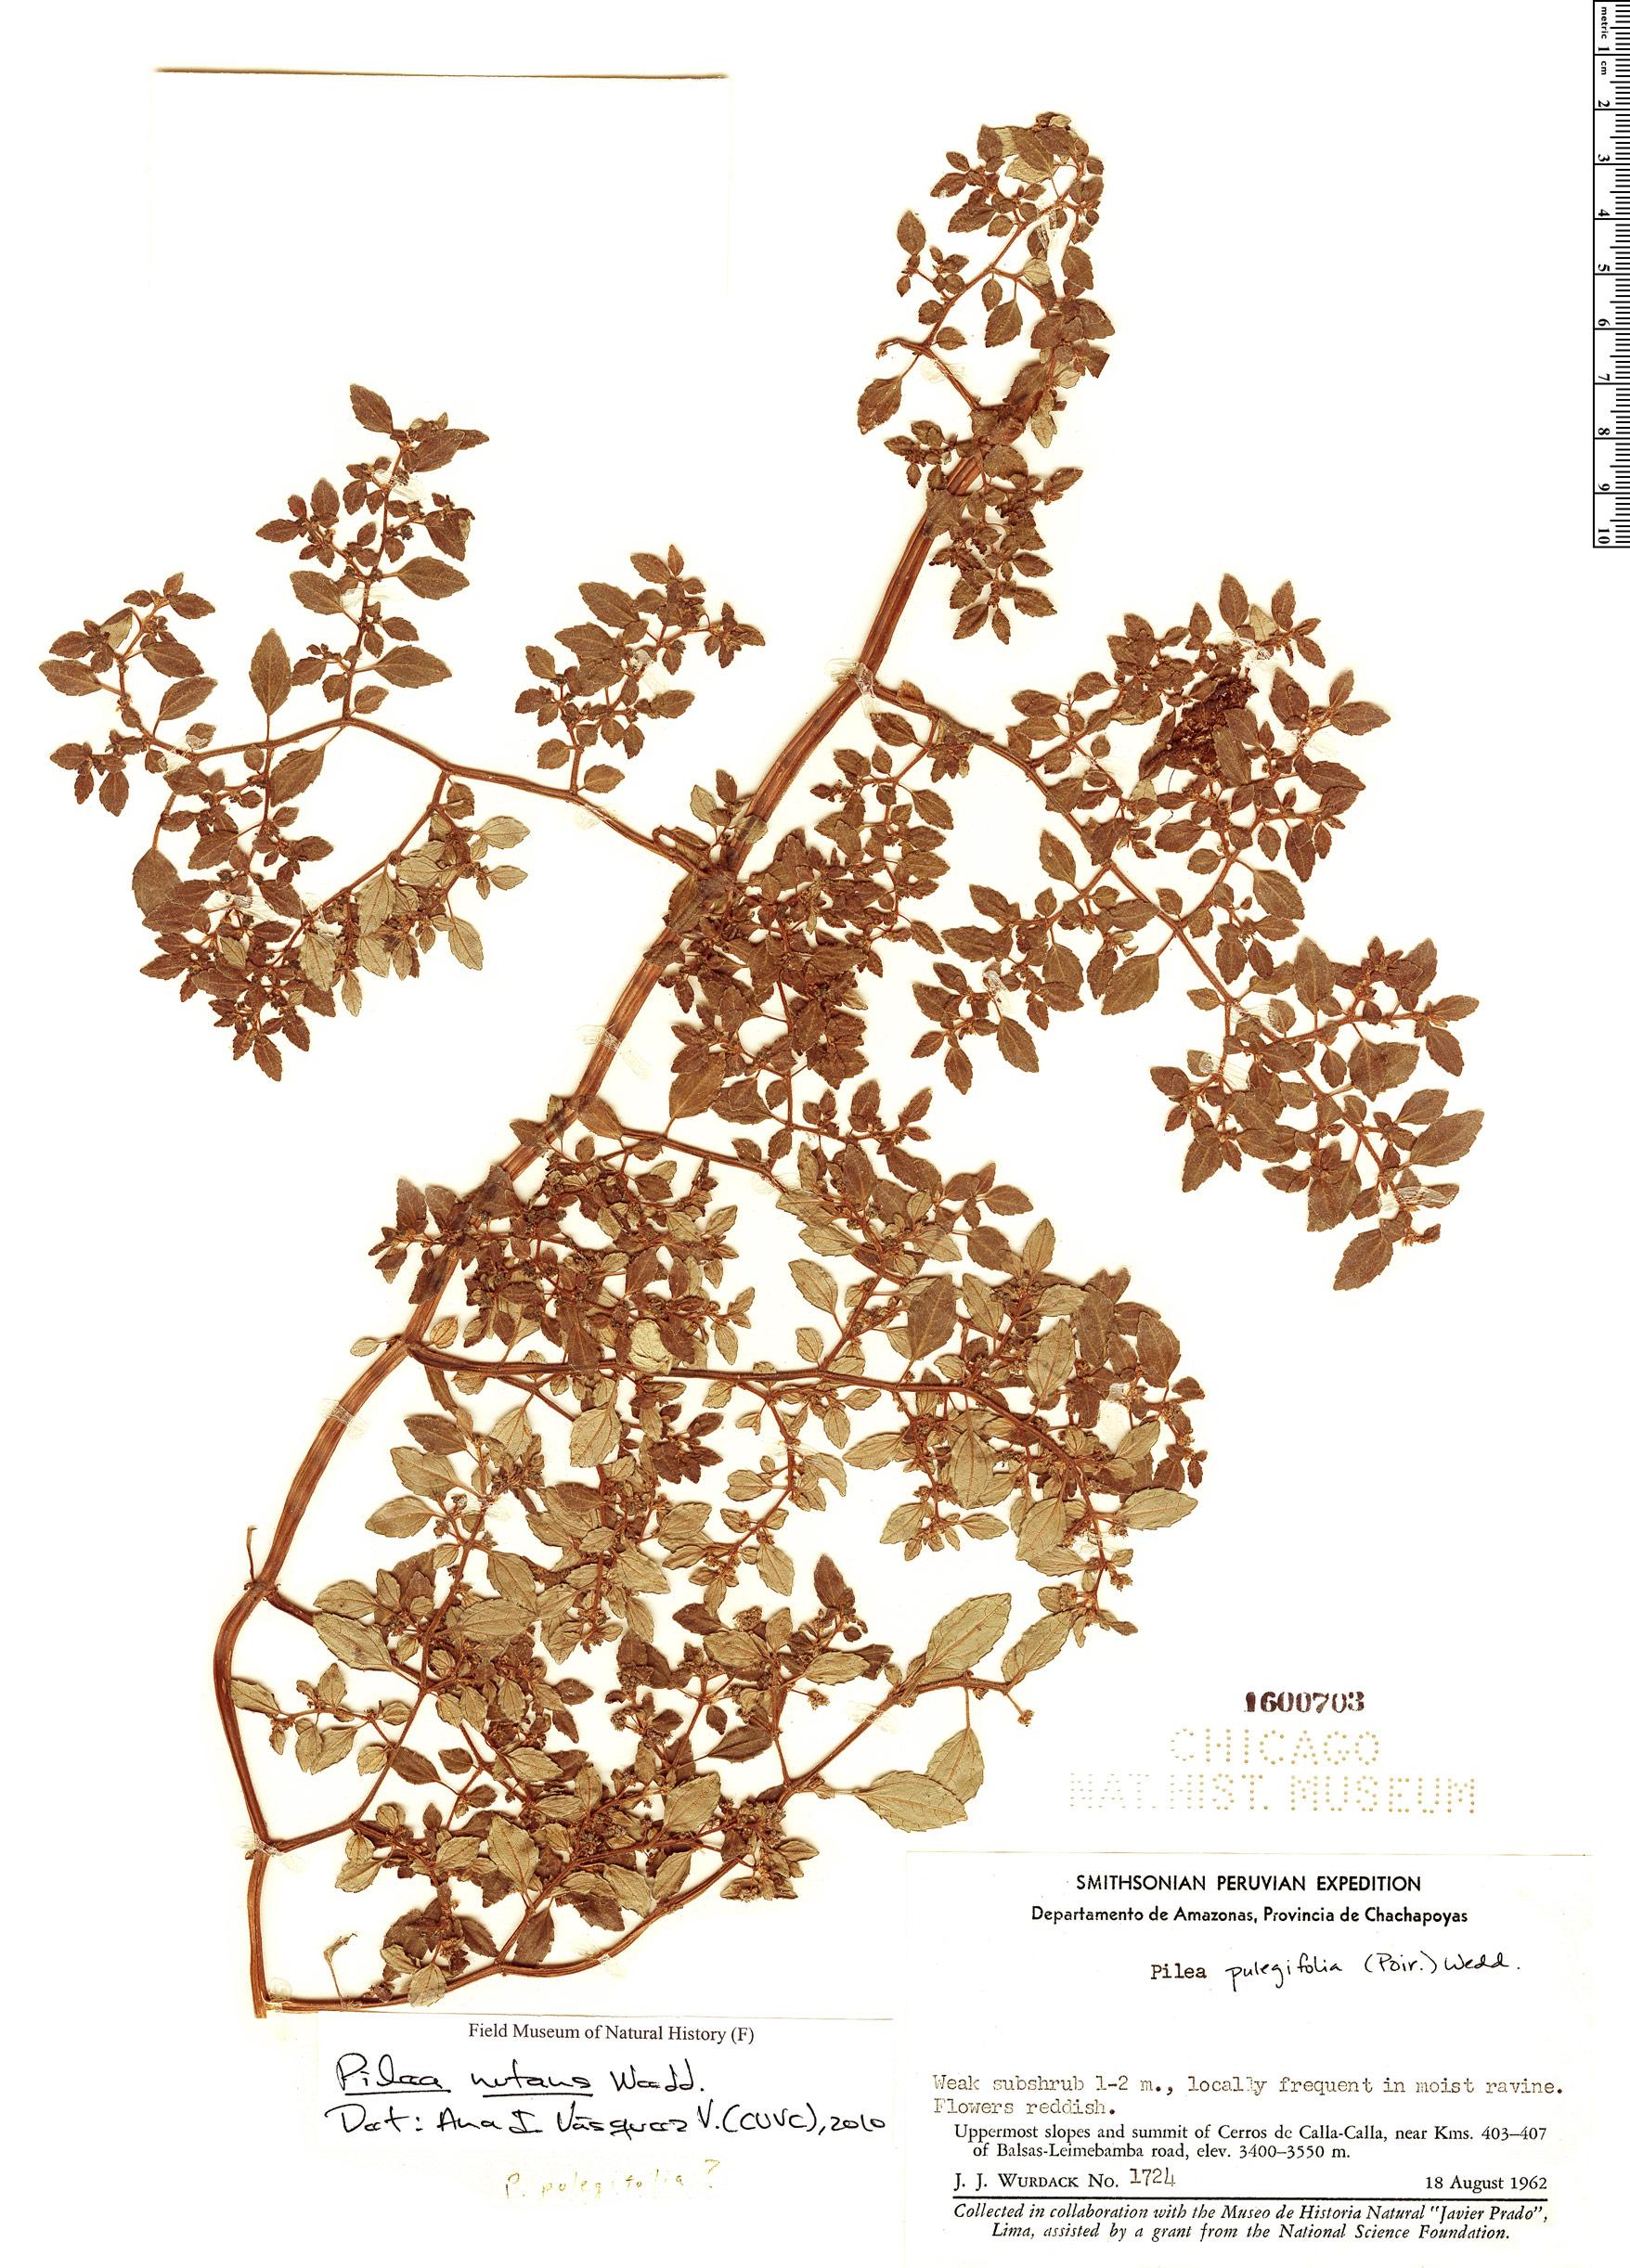 Specimen: Pilea nutans